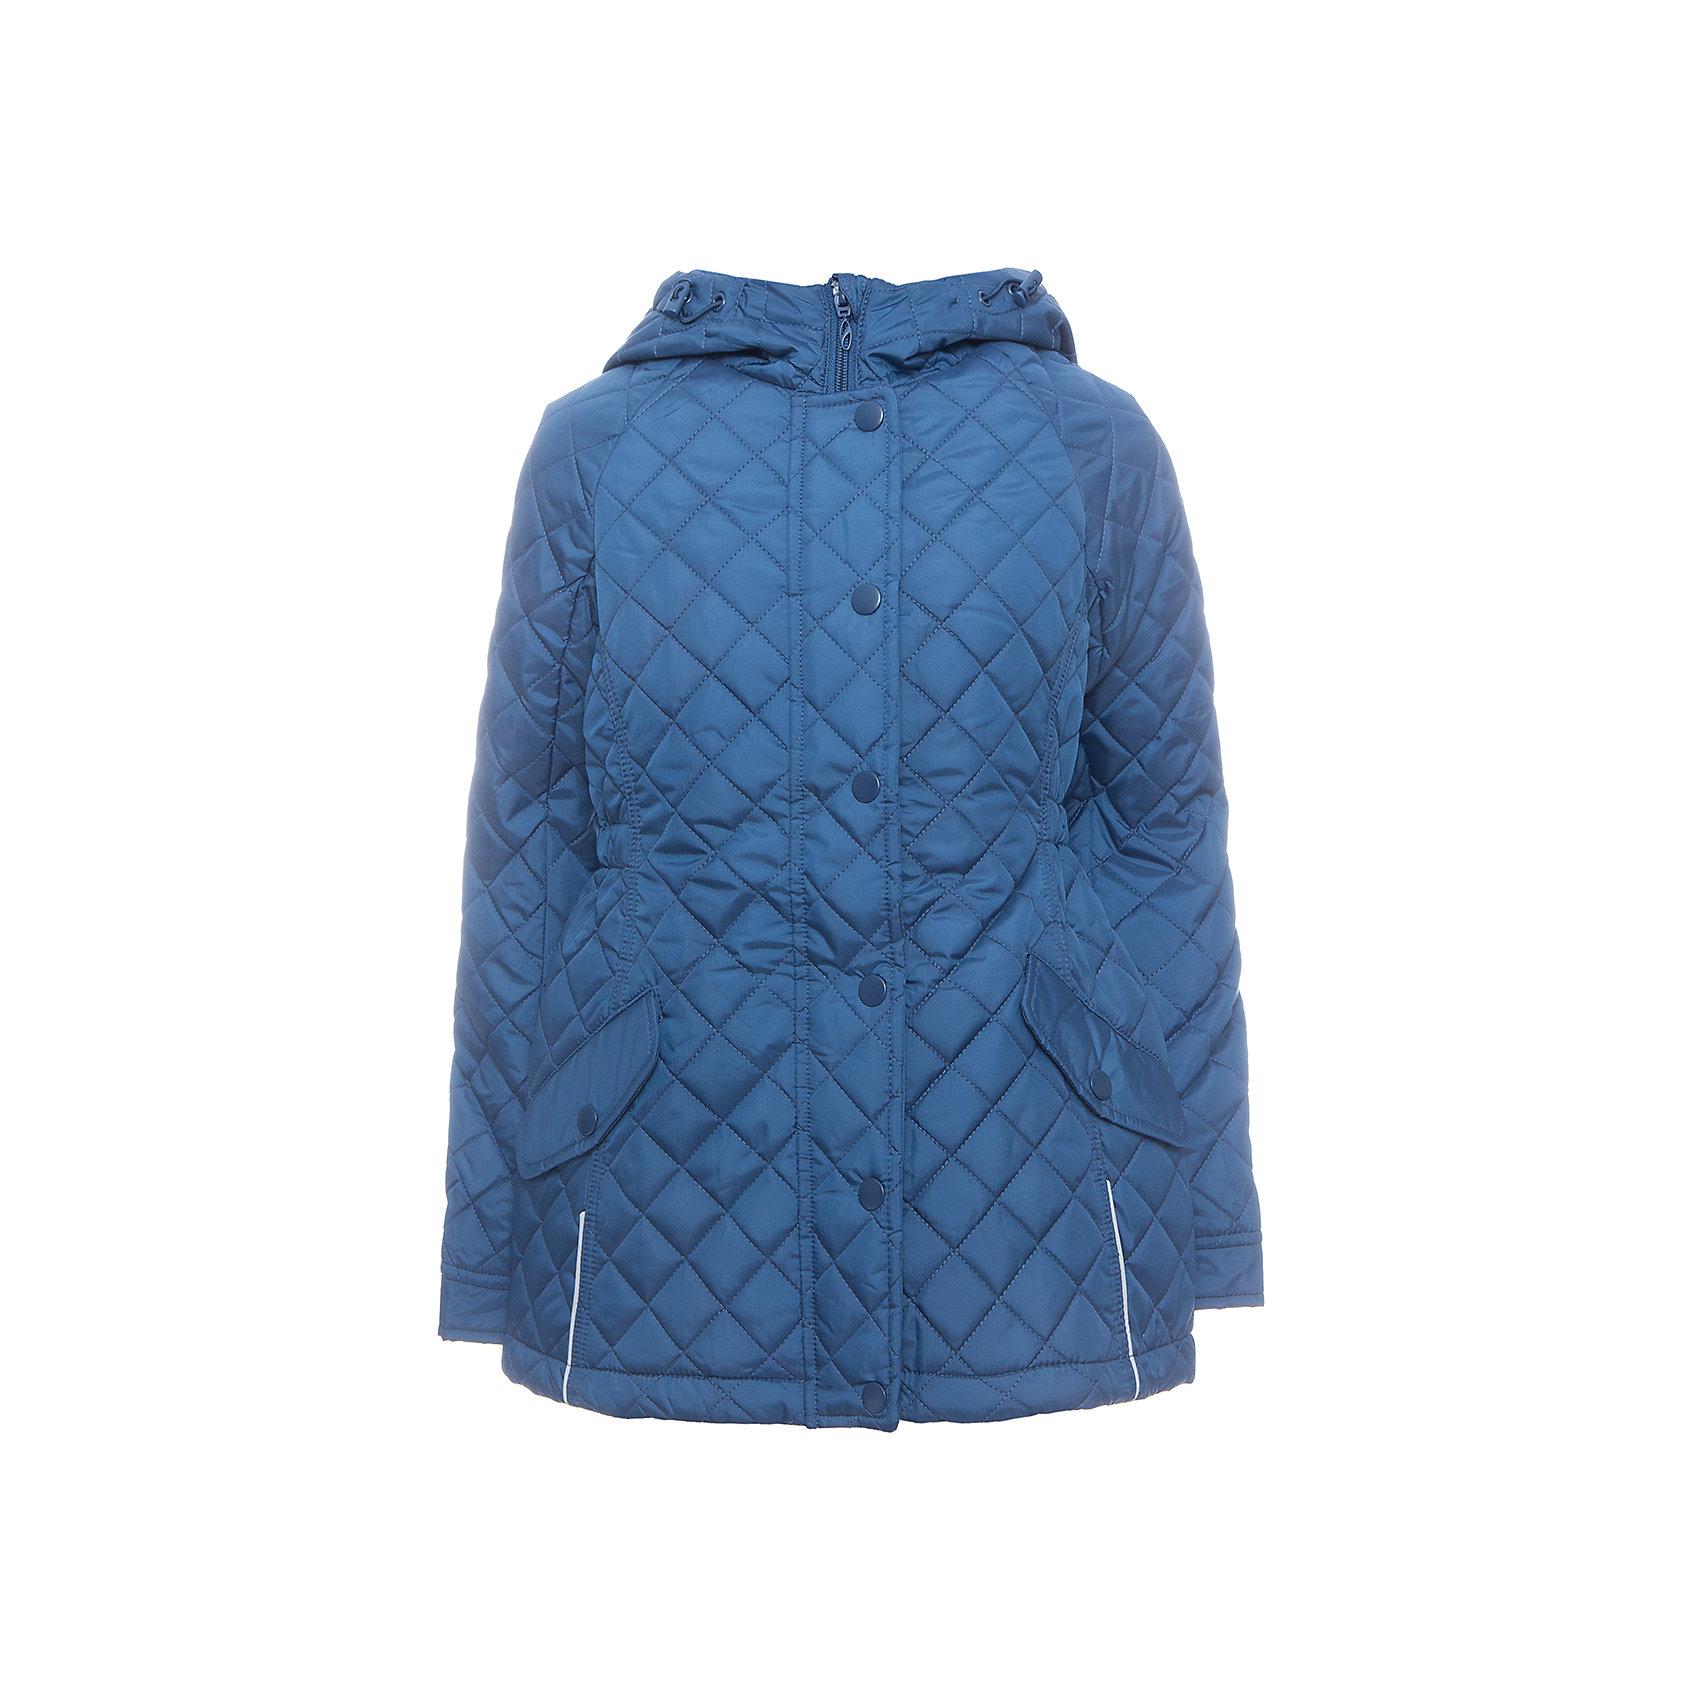 Куртка SELA для девочкиВерхняя одежда<br>Характеристики товара:<br><br>• цвет: синий<br>• ткань верха: 100% полиэстер<br>• подкладка: 100% полиэстер<br>• утеплитель: 100% полиэстер<br>• сезон: демисезон<br>• температурный режим: от +5 до -10С<br>• особенности куртки: на молнии, стеганая<br>• капюшон: без меха, несъемный<br>• застежка: молния<br>• страна бренда: Исполиамидния<br>• страна изготовитель: Индия<br><br>Синяя детская куртка подойдет для прохладной погоды. Отличный способ обеспечить ребенку тепло и комфорт - надеть теплую куртку для девочки от Sela. Куртка для девочки Mayoral дополнена удобным капюшоном. Детская куртка сшита из качественного материала.<br><br>Куртку для девочки Sela (Села) можно купить в нашем интернет-магазине.<br><br>Ширина мм: 356<br>Глубина мм: 10<br>Высота мм: 245<br>Вес г: 519<br>Цвет: темно-синий<br>Возраст от месяцев: 132<br>Возраст до месяцев: 144<br>Пол: Женский<br>Возраст: Детский<br>Размер: 152,122,128,140<br>SKU: 7032292